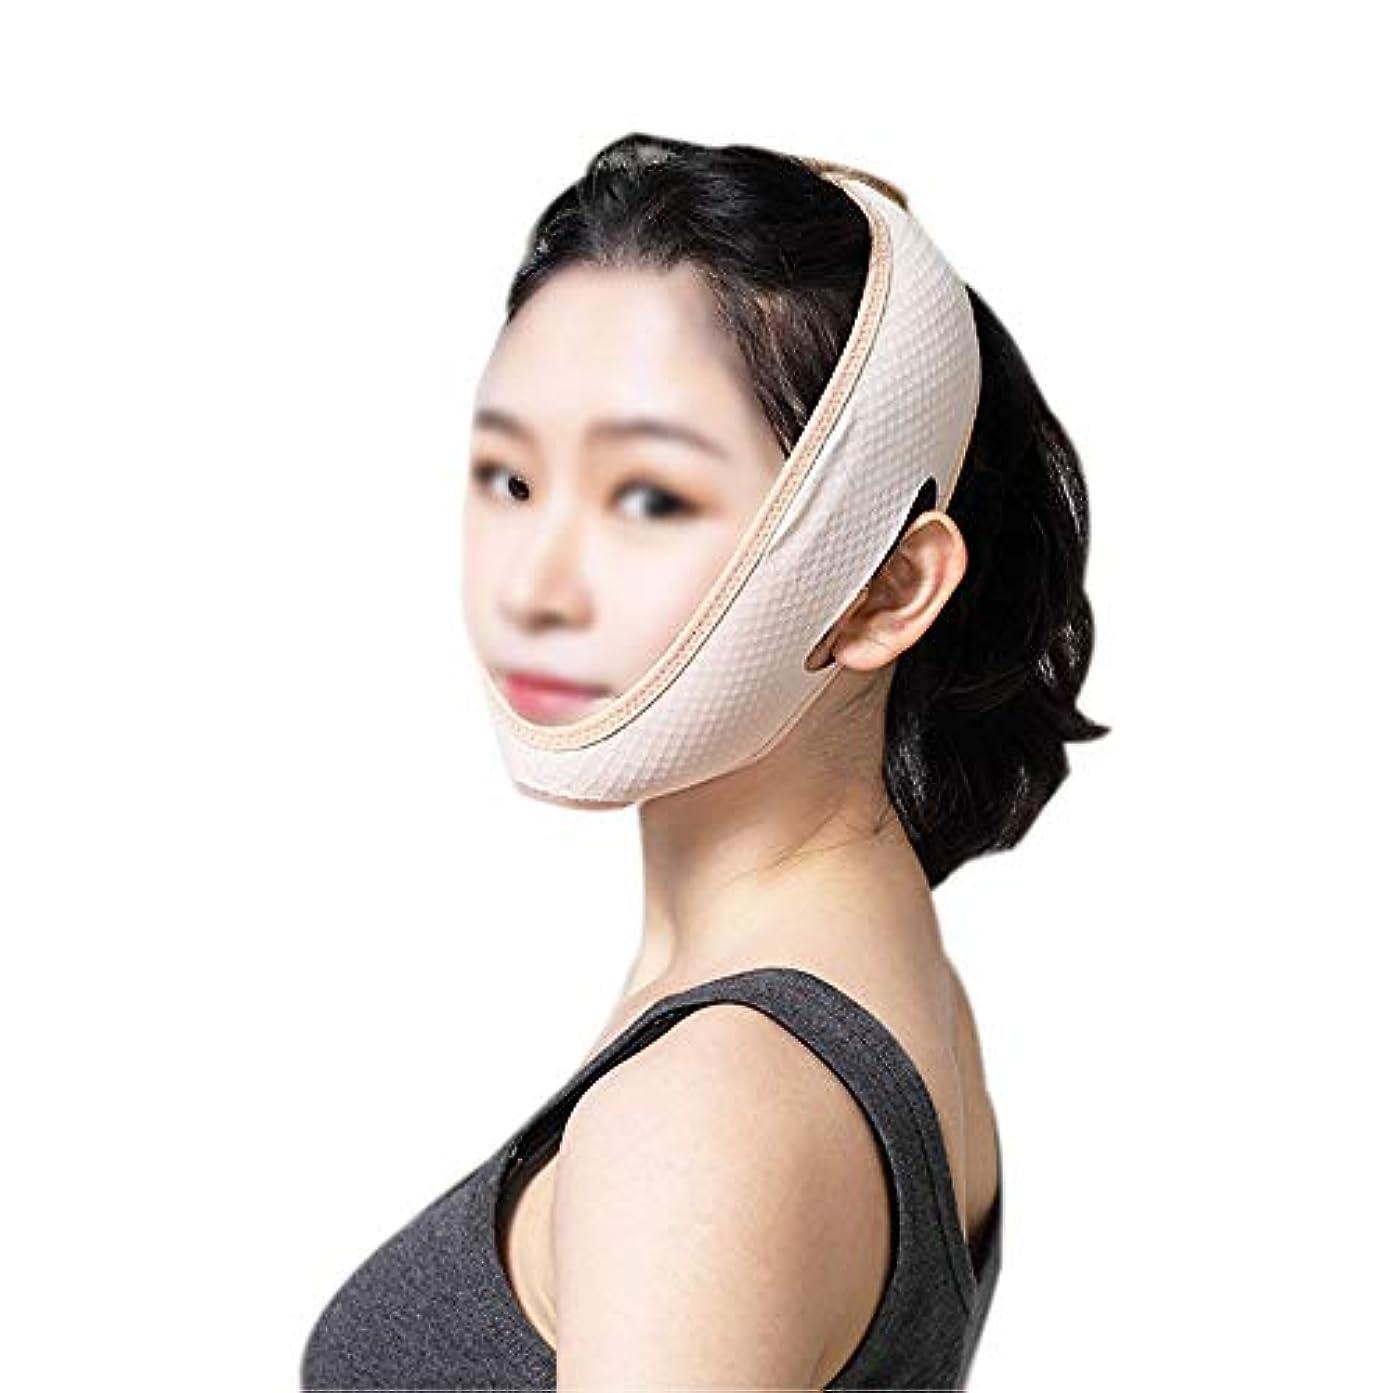 作家振り返る改修するGLJJQMY フェイスリフティング包帯睡眠薄いフェイスマスクは肌を引き締め、二重あごのマスクを減らす 顔用整形マスク